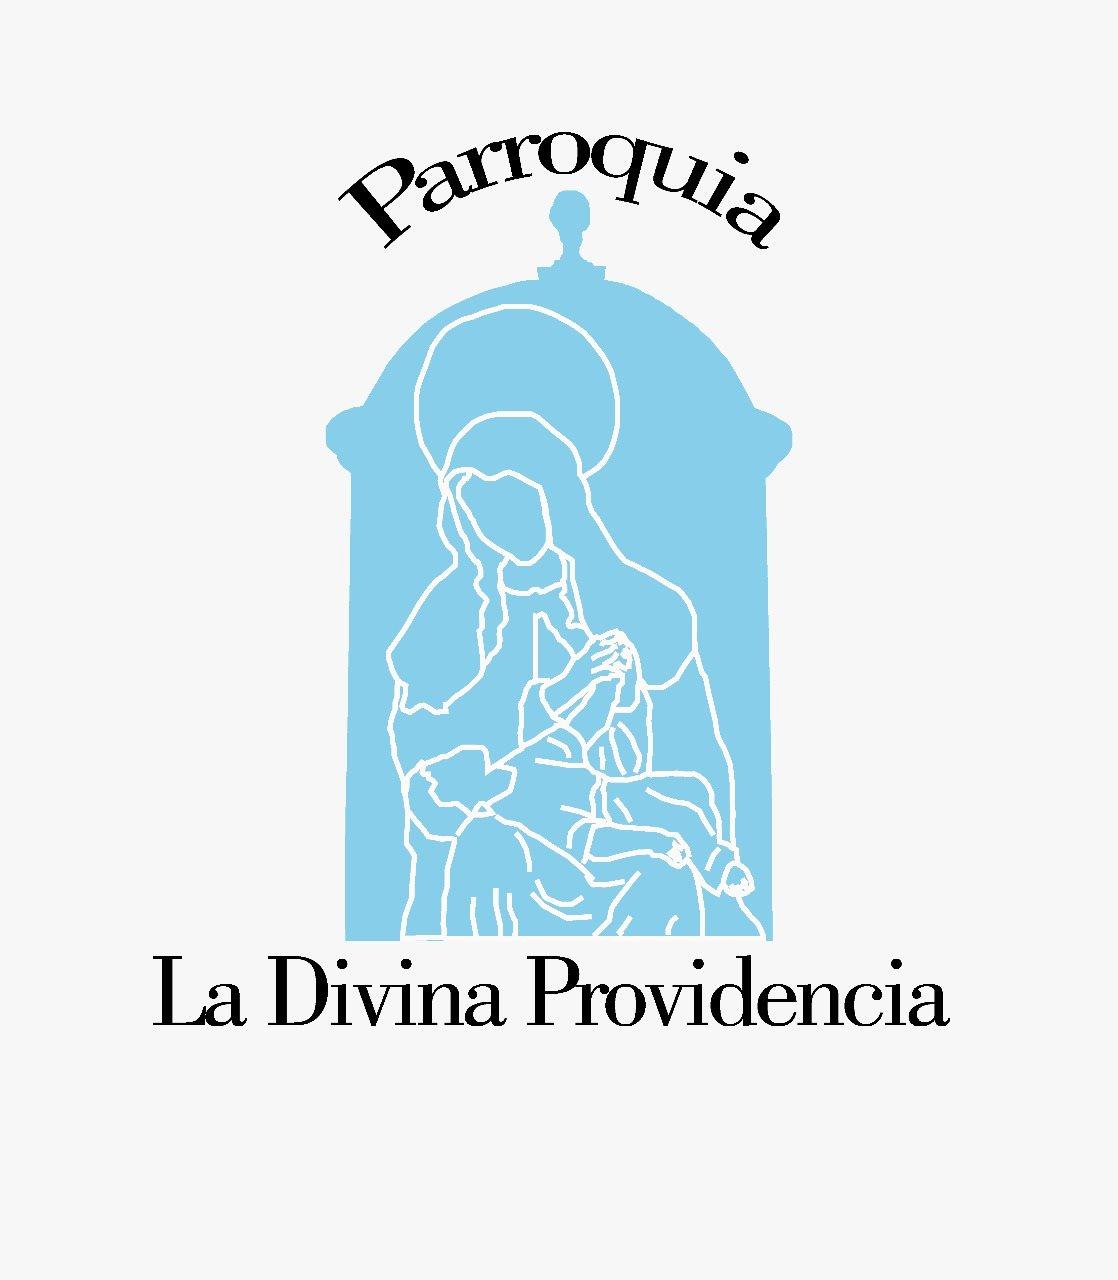 PARROQUIA DE LA DIVINA PROVIDENCIA